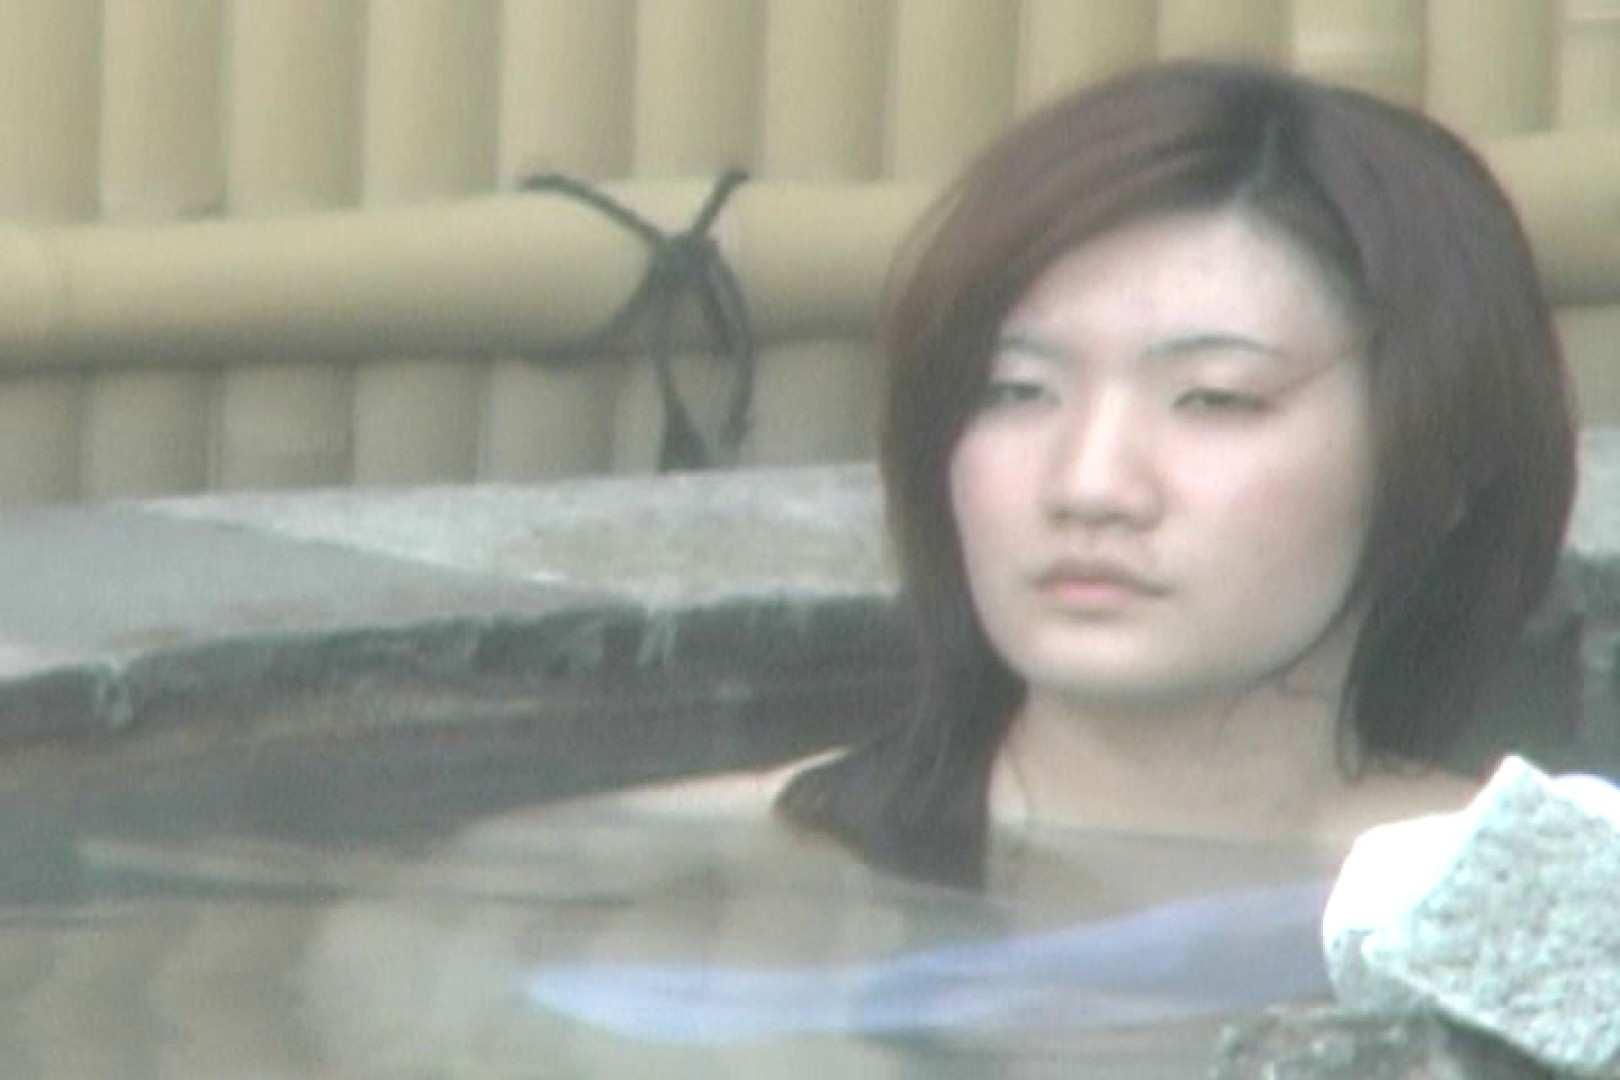 Aquaな露天風呂Vol.590 OLエロ画像  50PICs 30